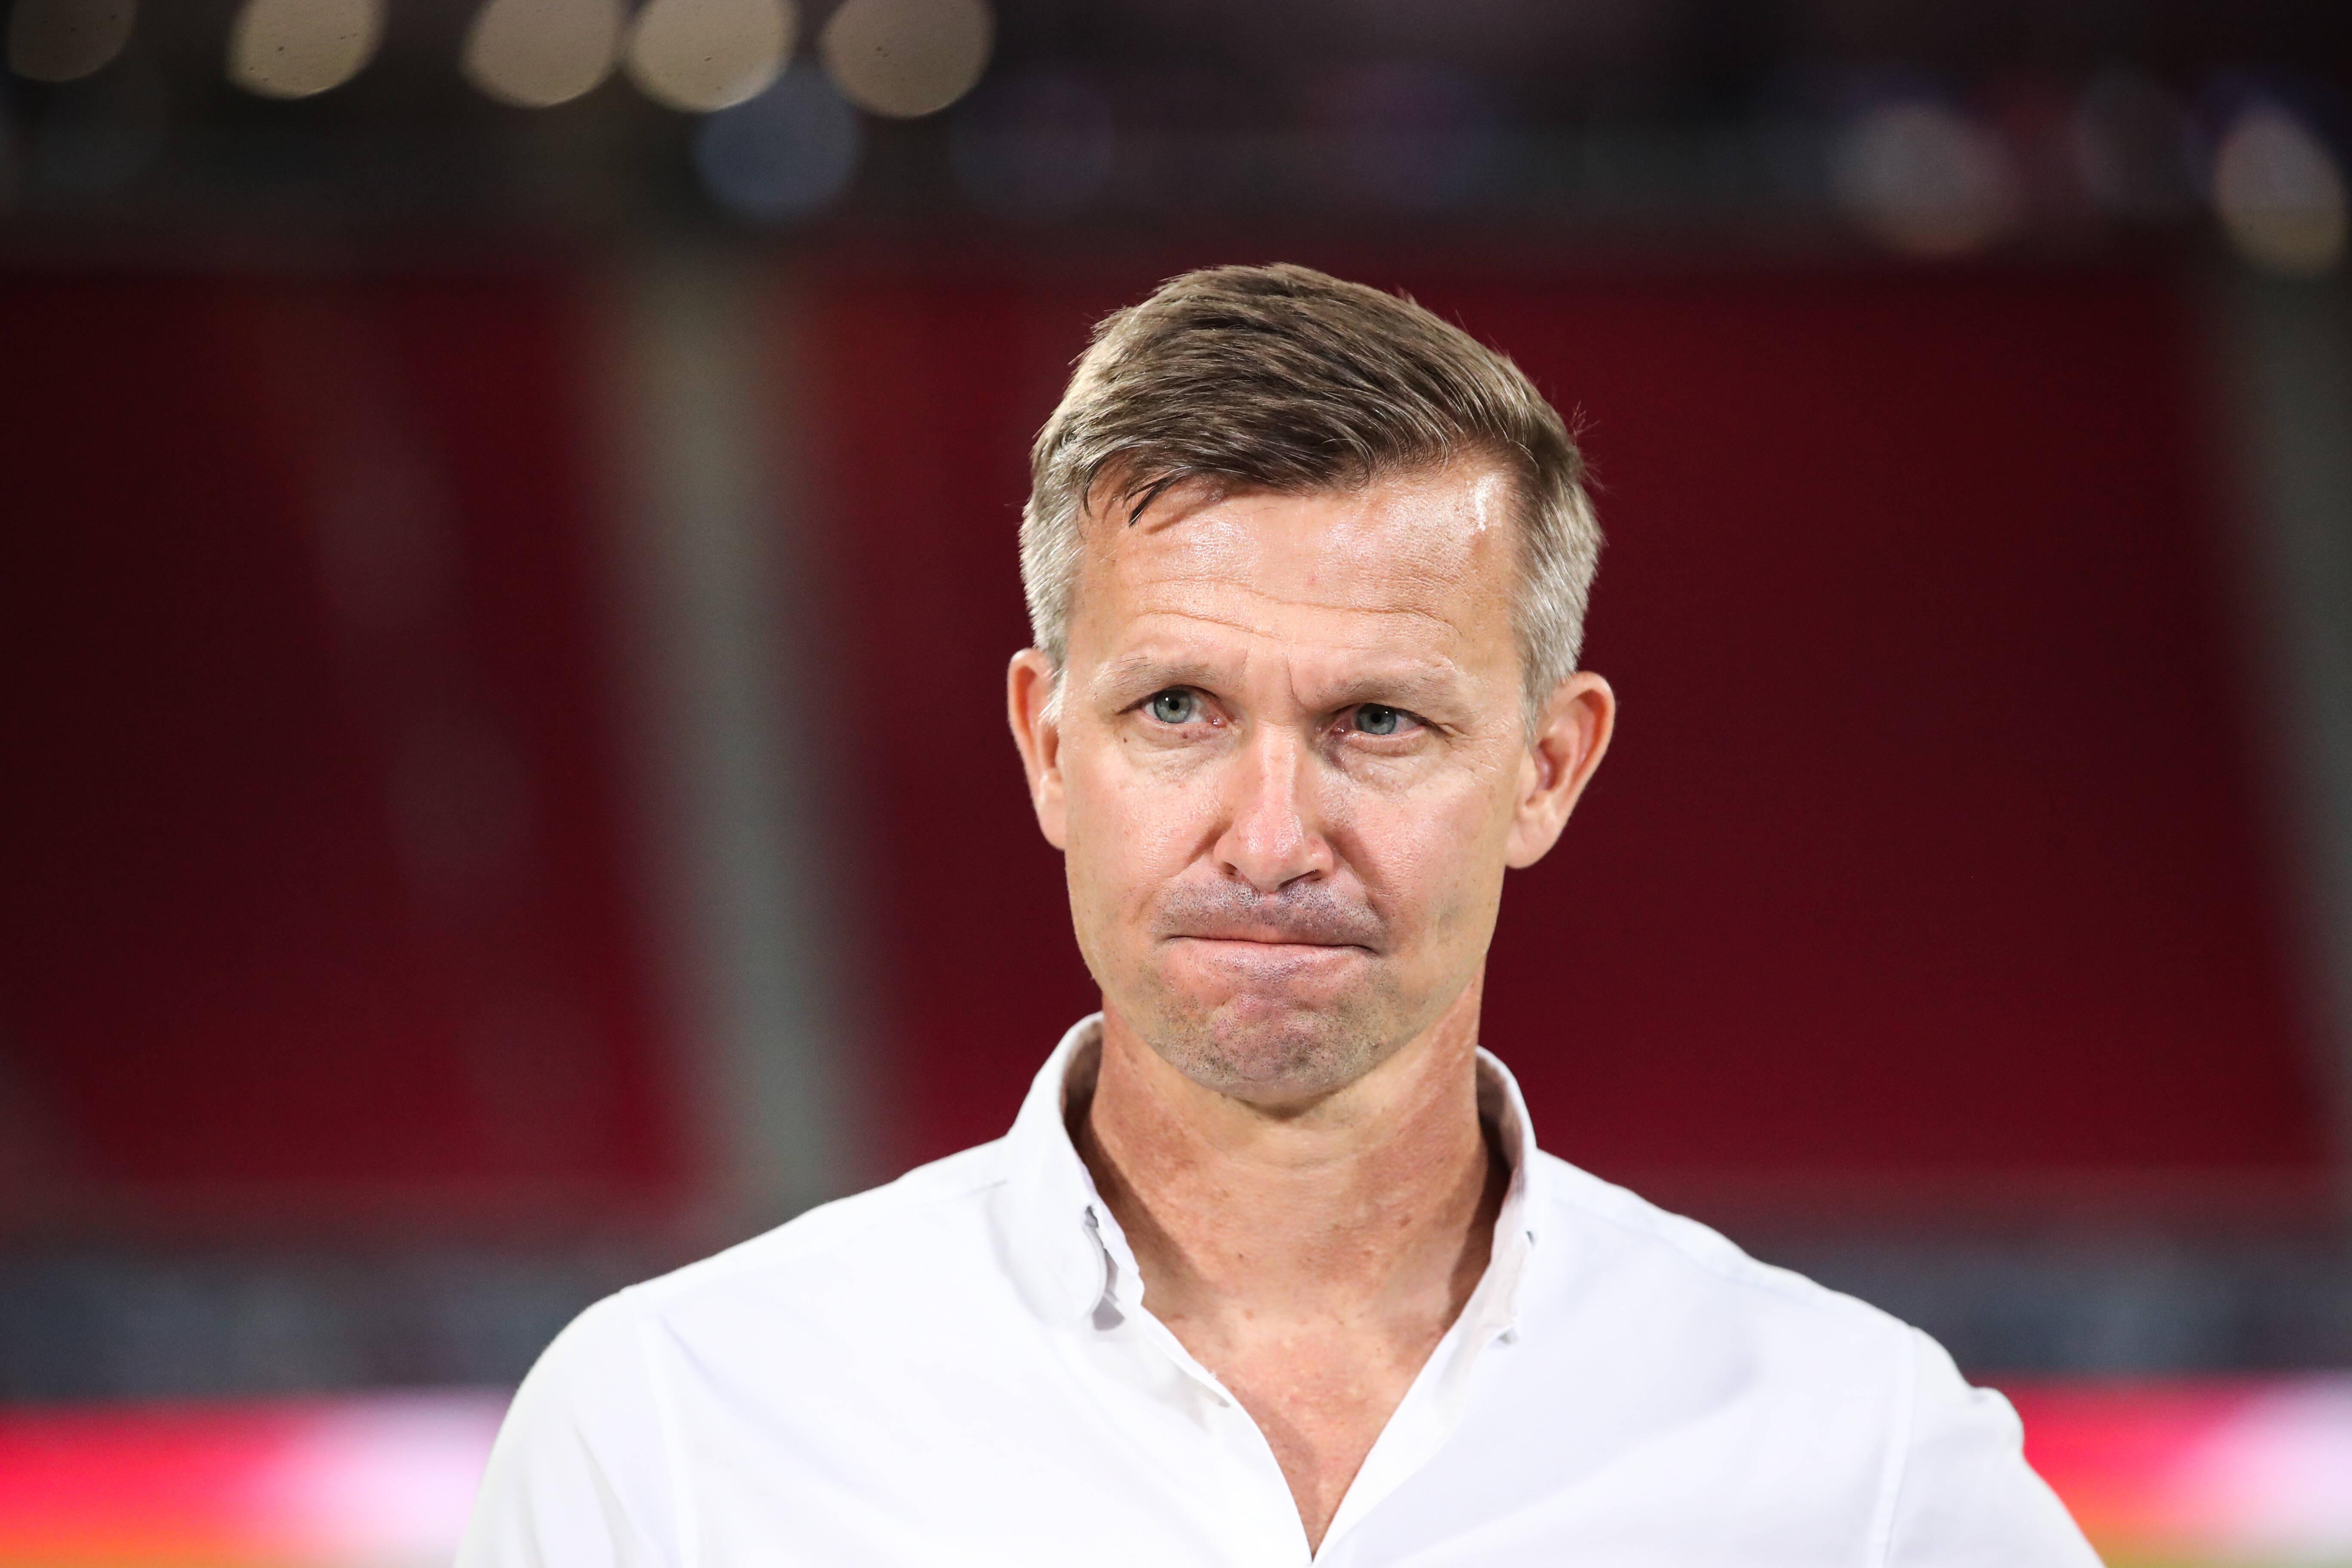 'ฟุตบอลยุโรปไม่ยุติธรรม' – ผู้จัดการทีม ไลป์ซิก